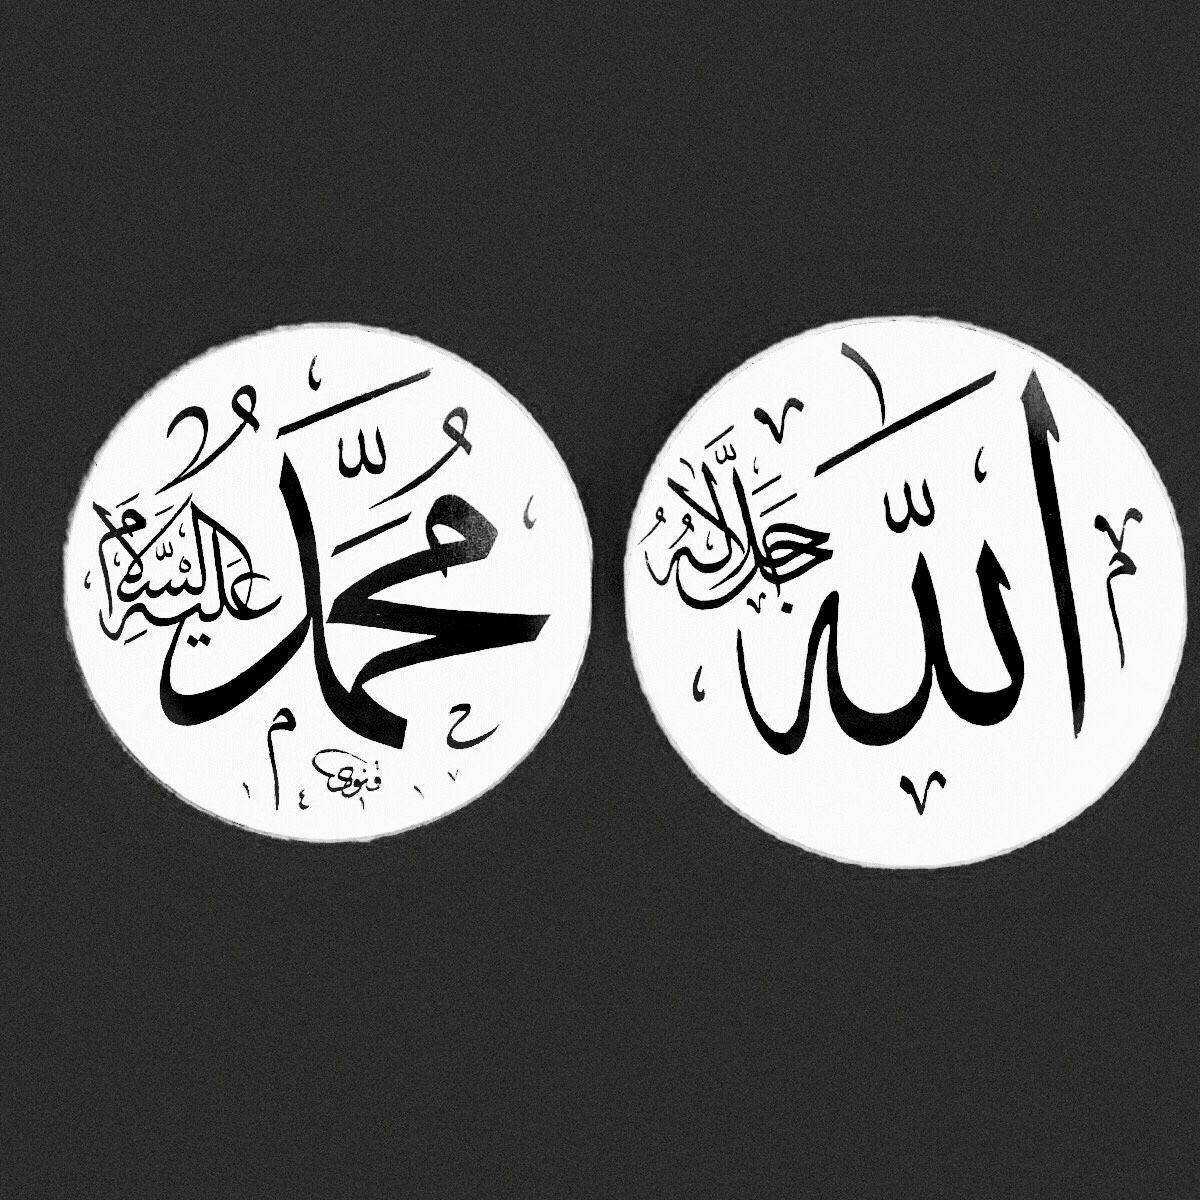 qworld5 adlı kullanıcının Hat Allah (CC) panosundaki Pin